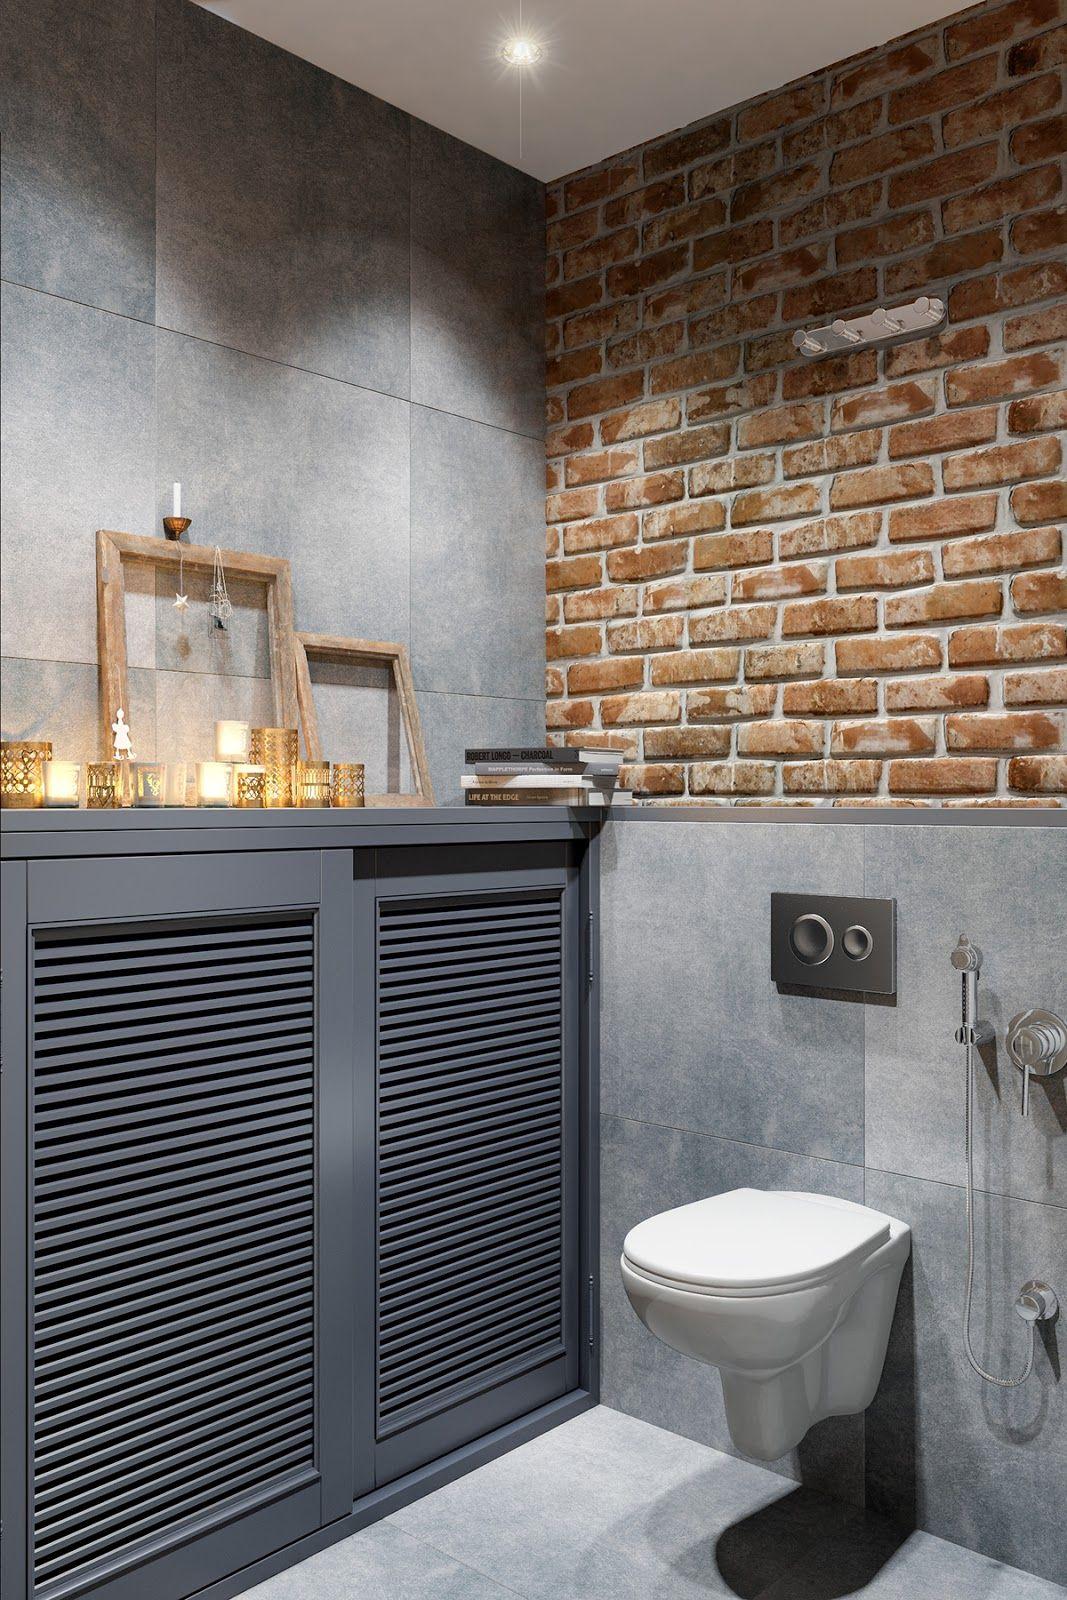 Banheiro com estilo industrial